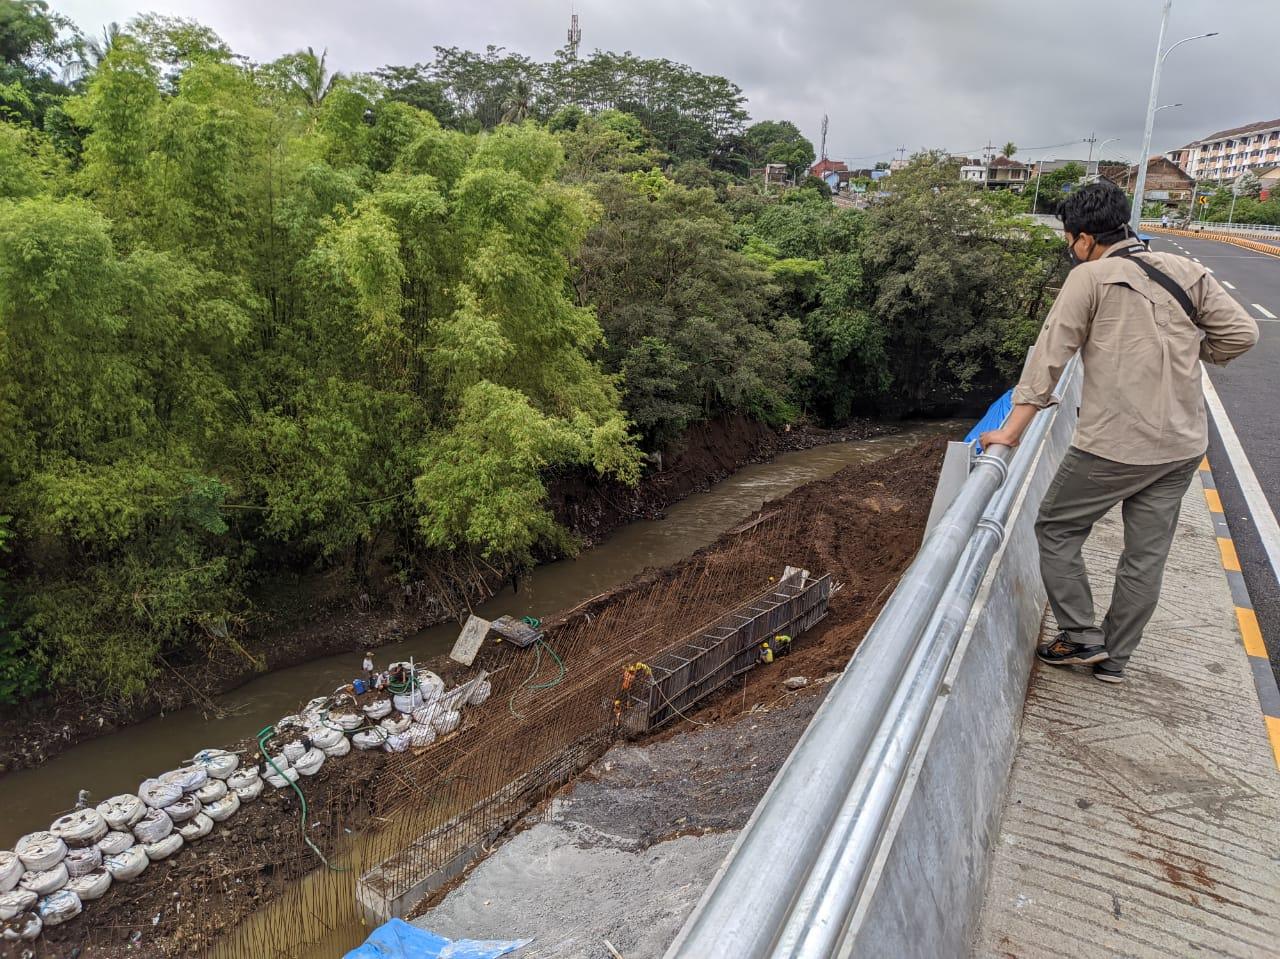 Pengerjaan bagian plengsengan di bawah Jembatan Kedungkandang masih dalam tahap pengerjaan pasca ambrol beberapa waktu lalu. (Foto: Azmy/Tugu Malang/Tugu Jatim)